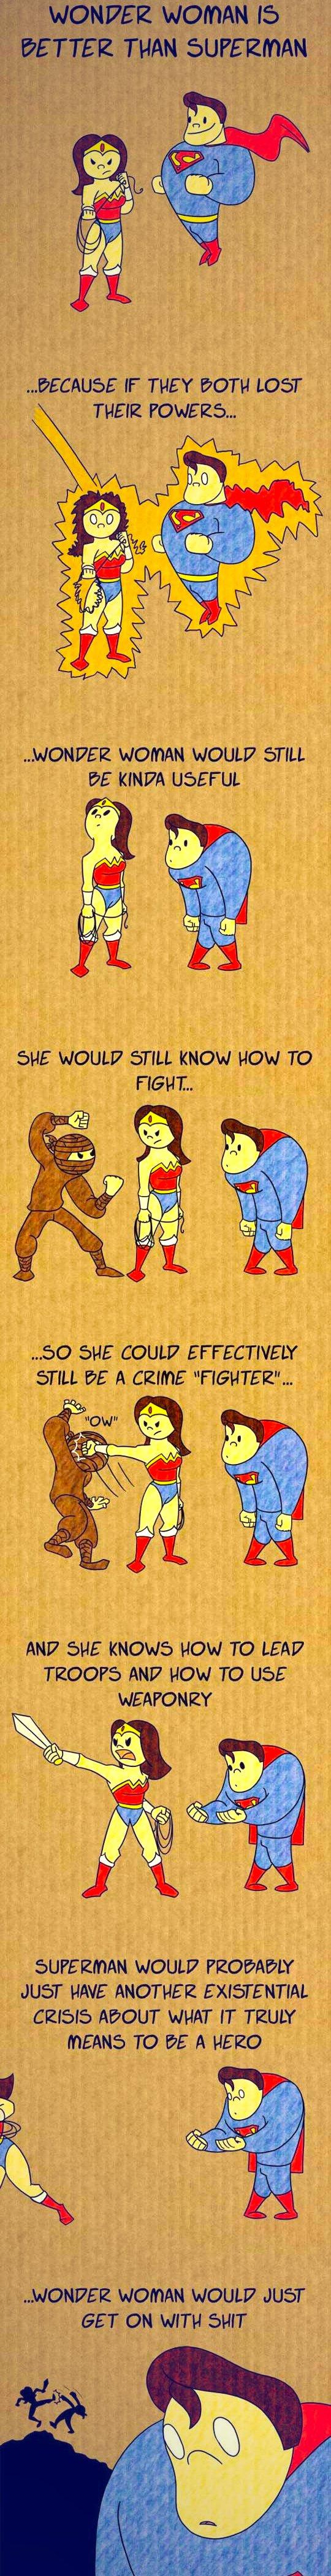 Vamers - Geekosphere - Humour - Wonder Woman vs Superman